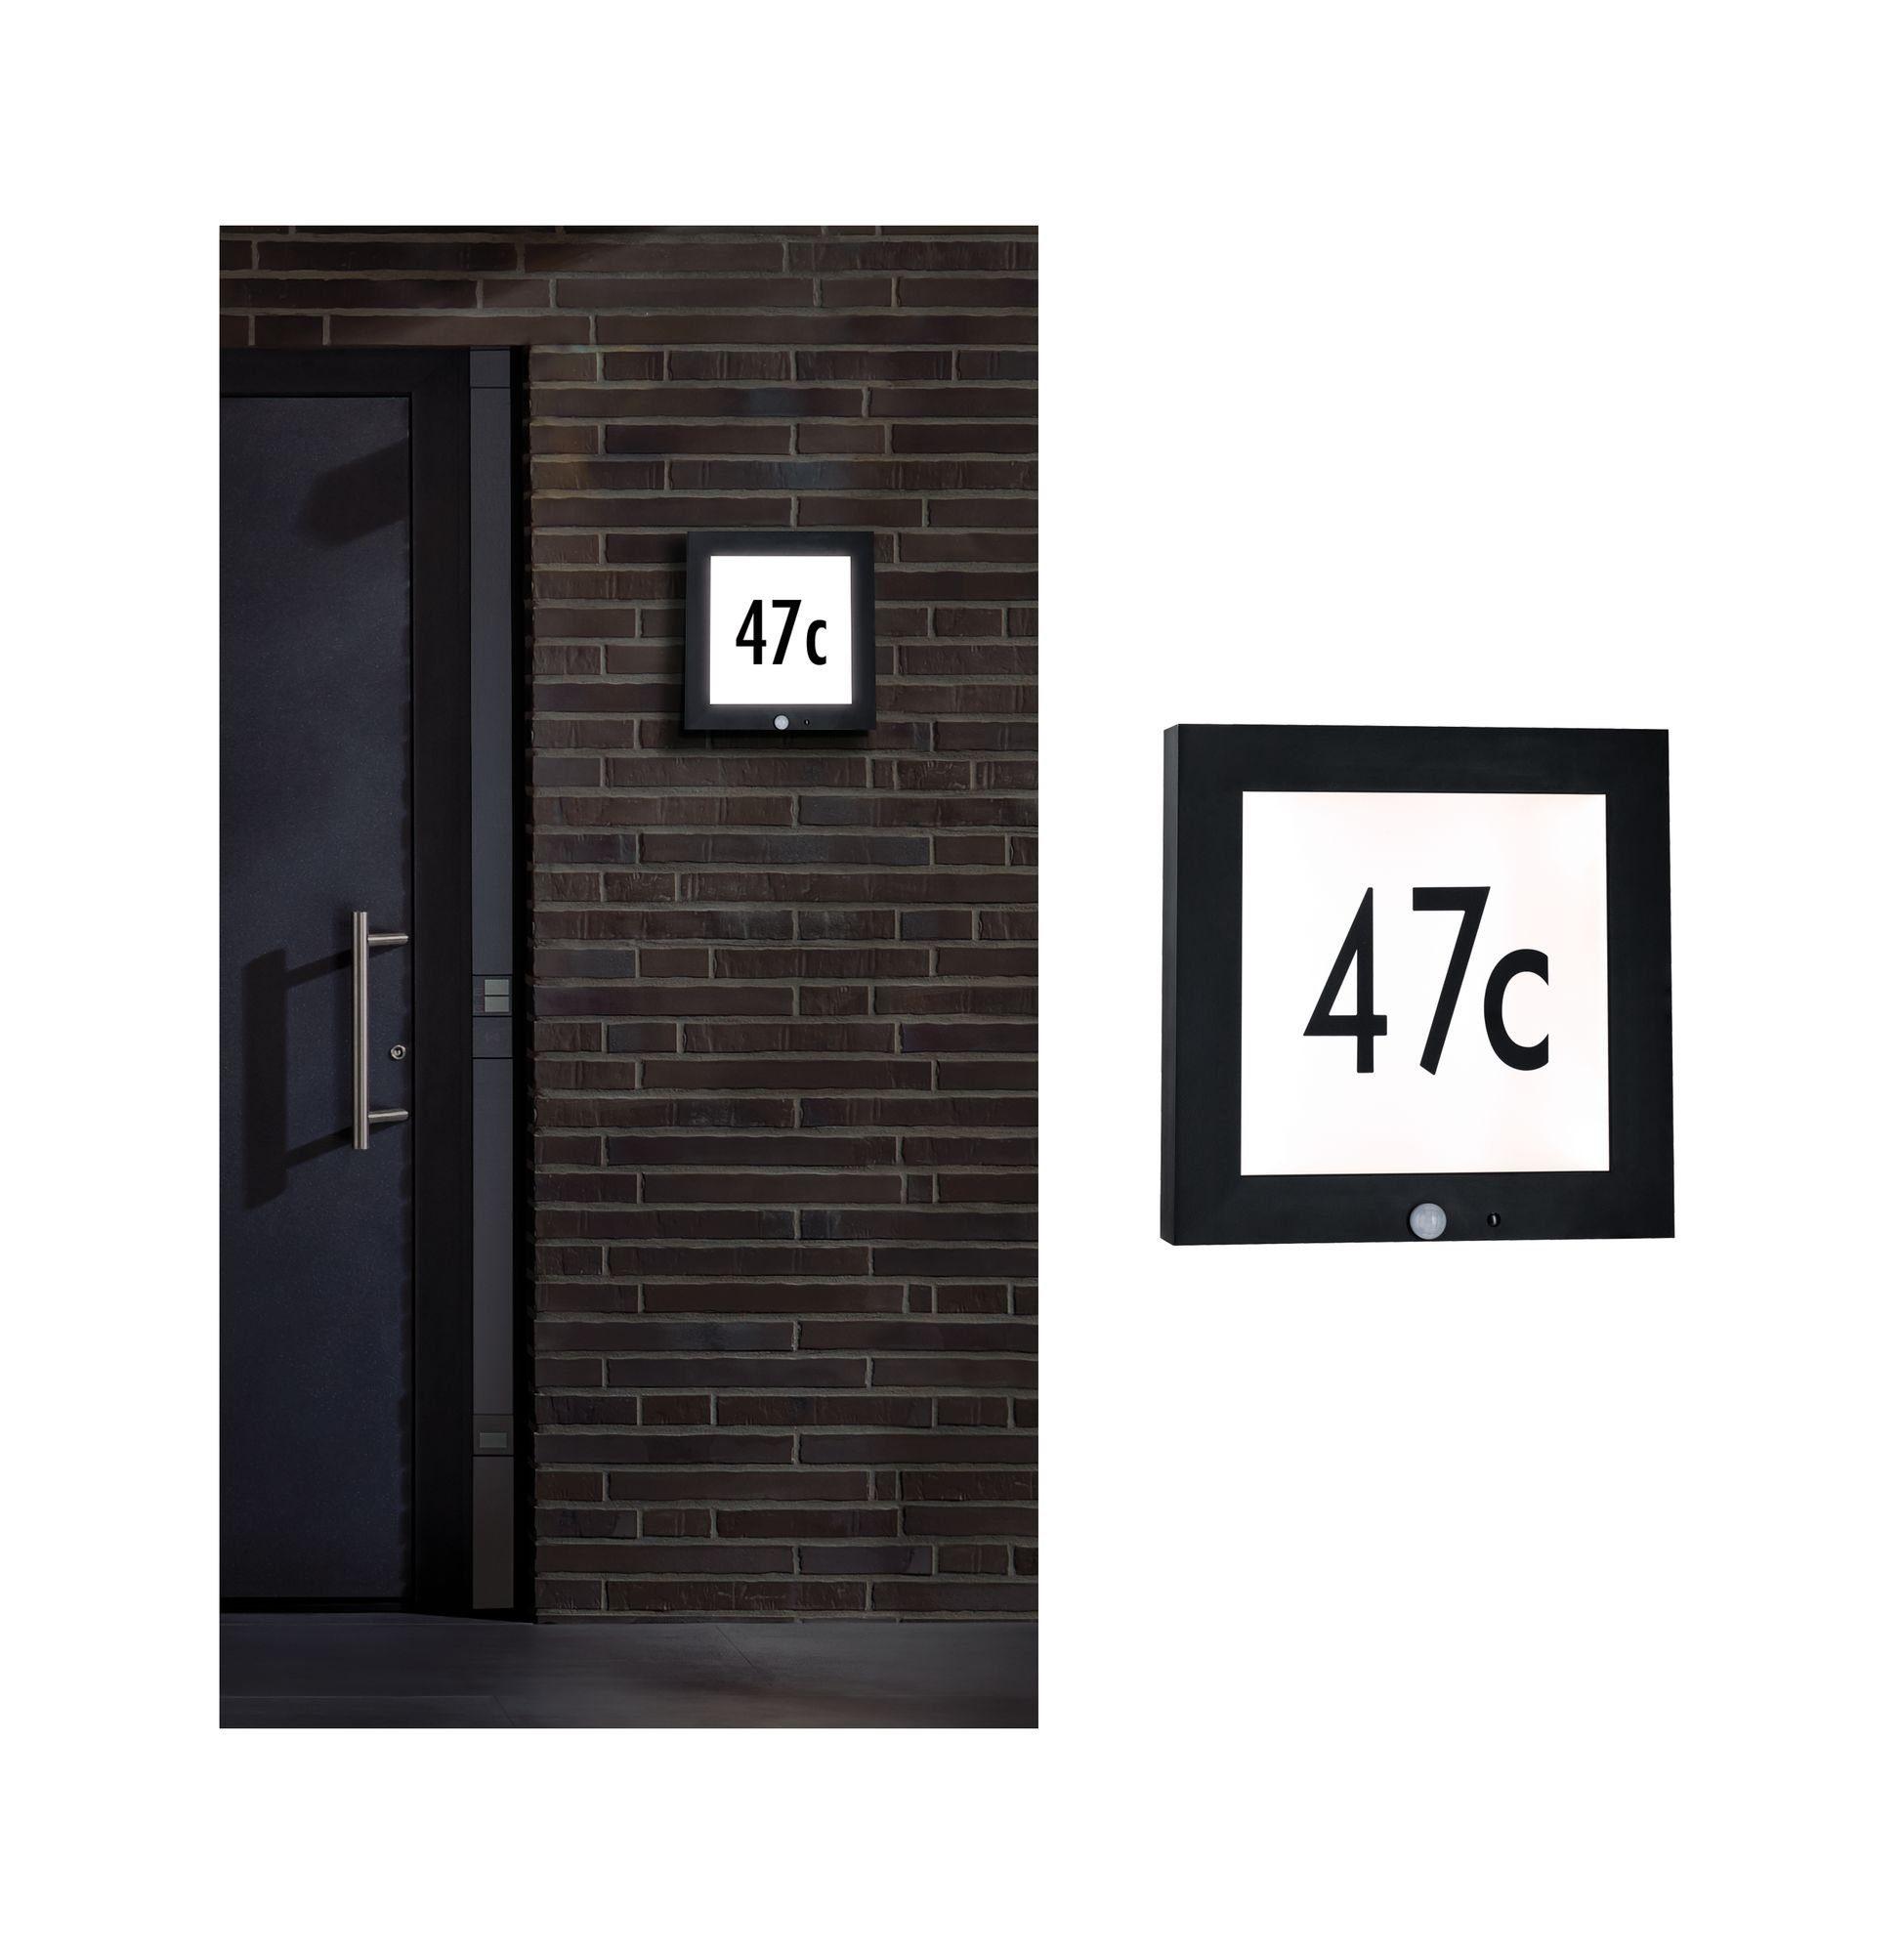 Paulmann LED Außen-Wandleuchte Panel 30x30 cm IP44 11W 230V Anthrazit Hausnummer mit Bewegungsmelder, 1 St., Warmweiß